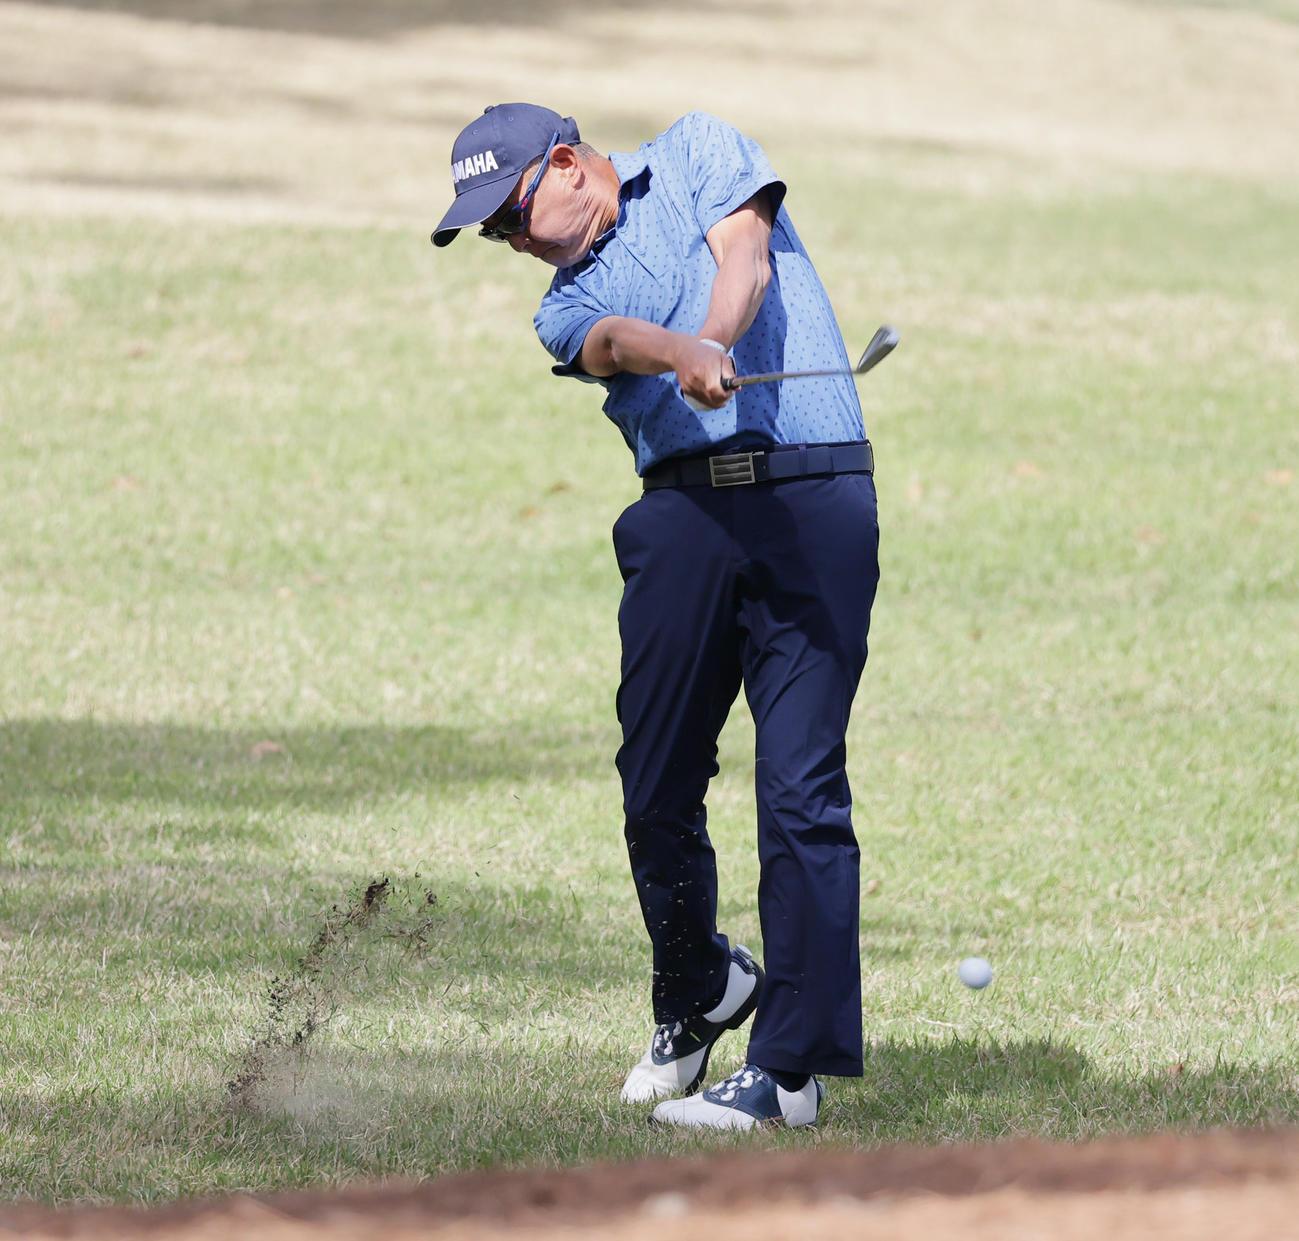 関西オープンゴルフ選手権第2日 9番、第2打を放つ谷口(撮影・清水貴仁)